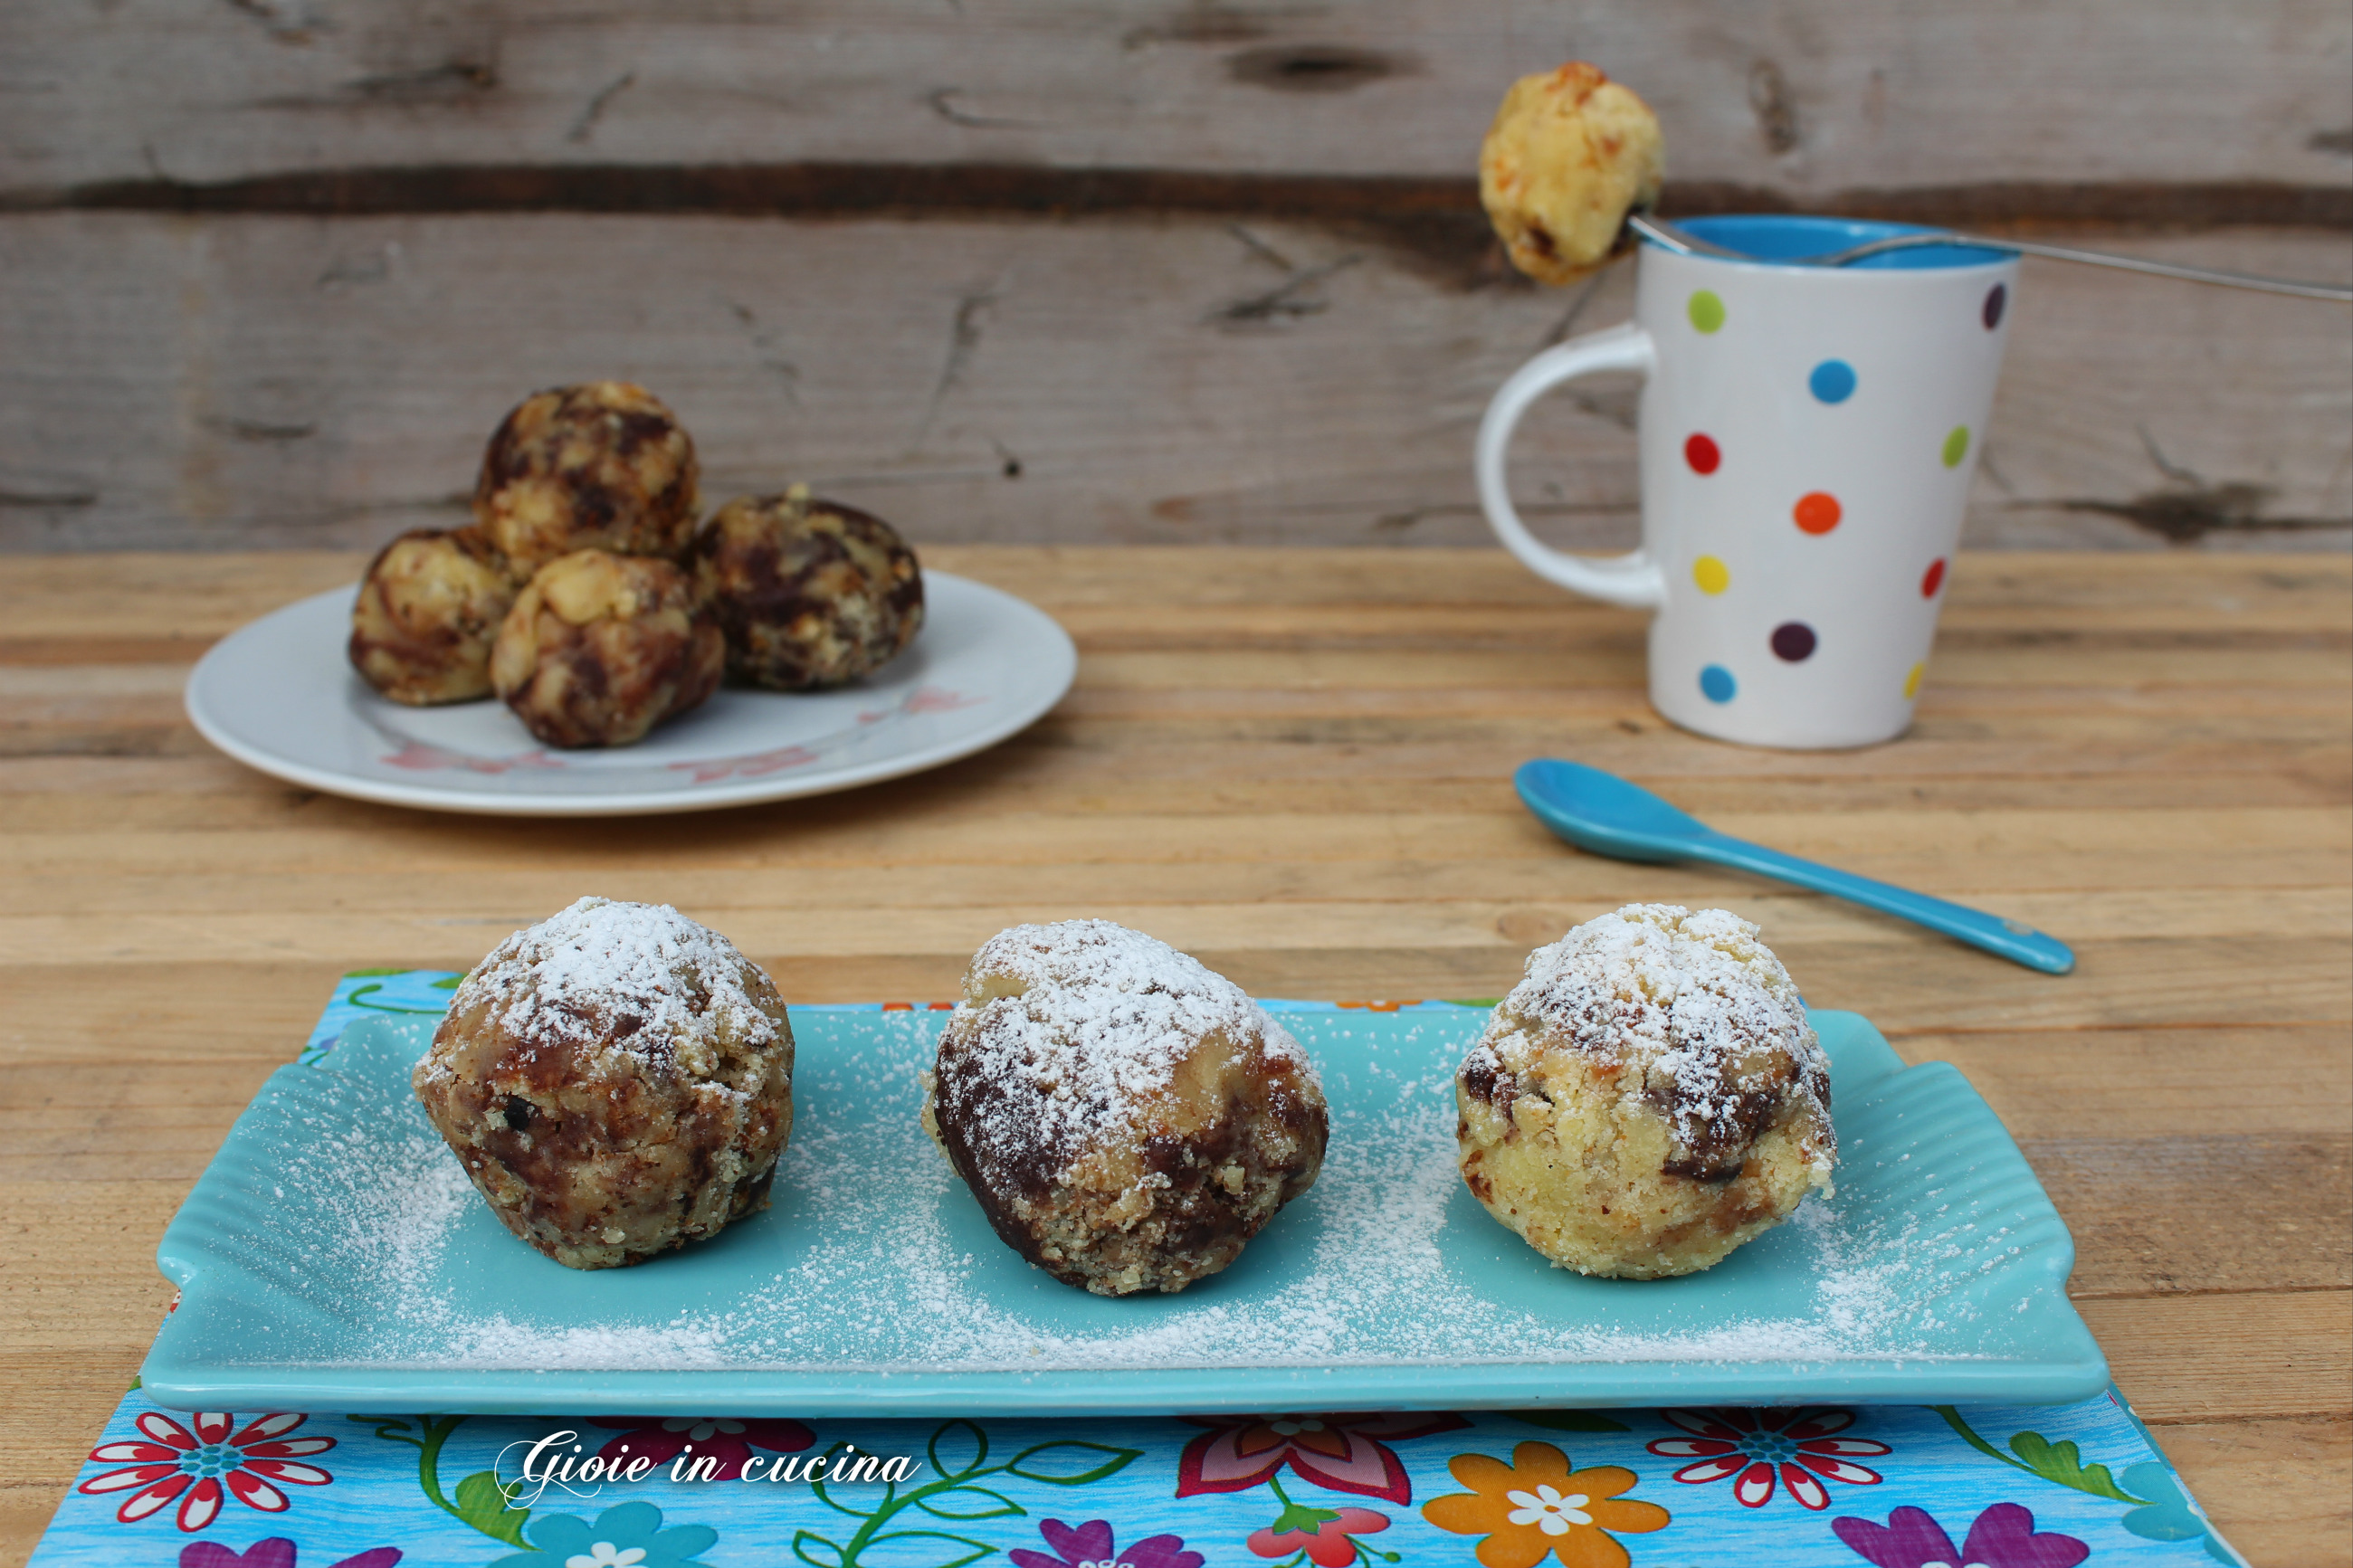 Polpette dolci con mascarpone e gocce di cioccolato